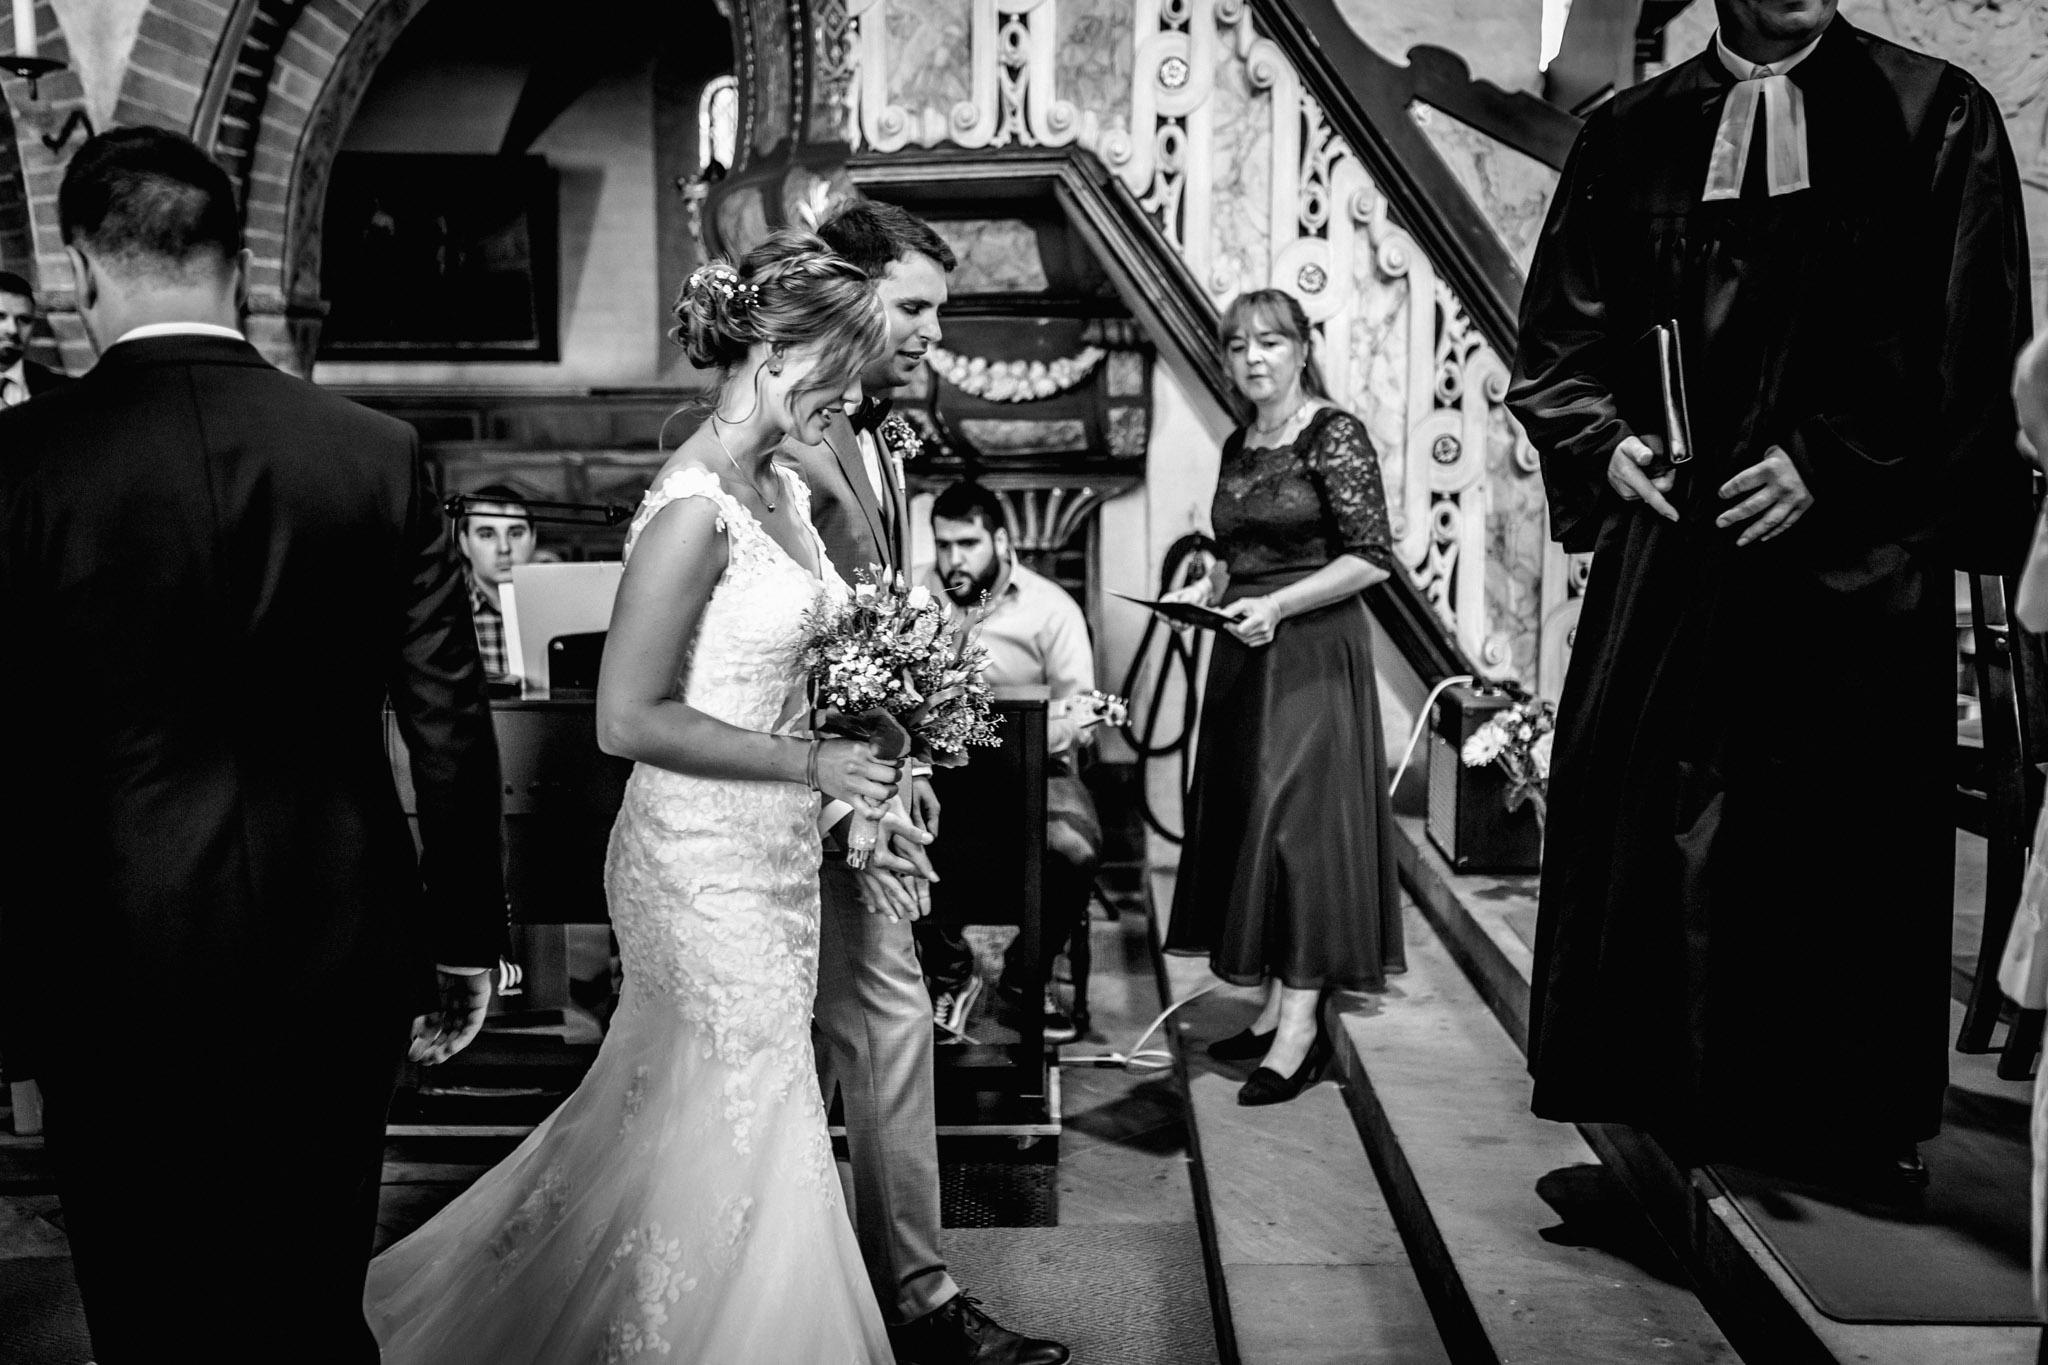 Sven Schomburg Hochzeitsfotografie, Hamburg, Mölln, Hochzeitsfieber by Photo-Schomburg, Hochzeitsreportage, Forsthaus Waldhusen, Braut, Bräutigam-29